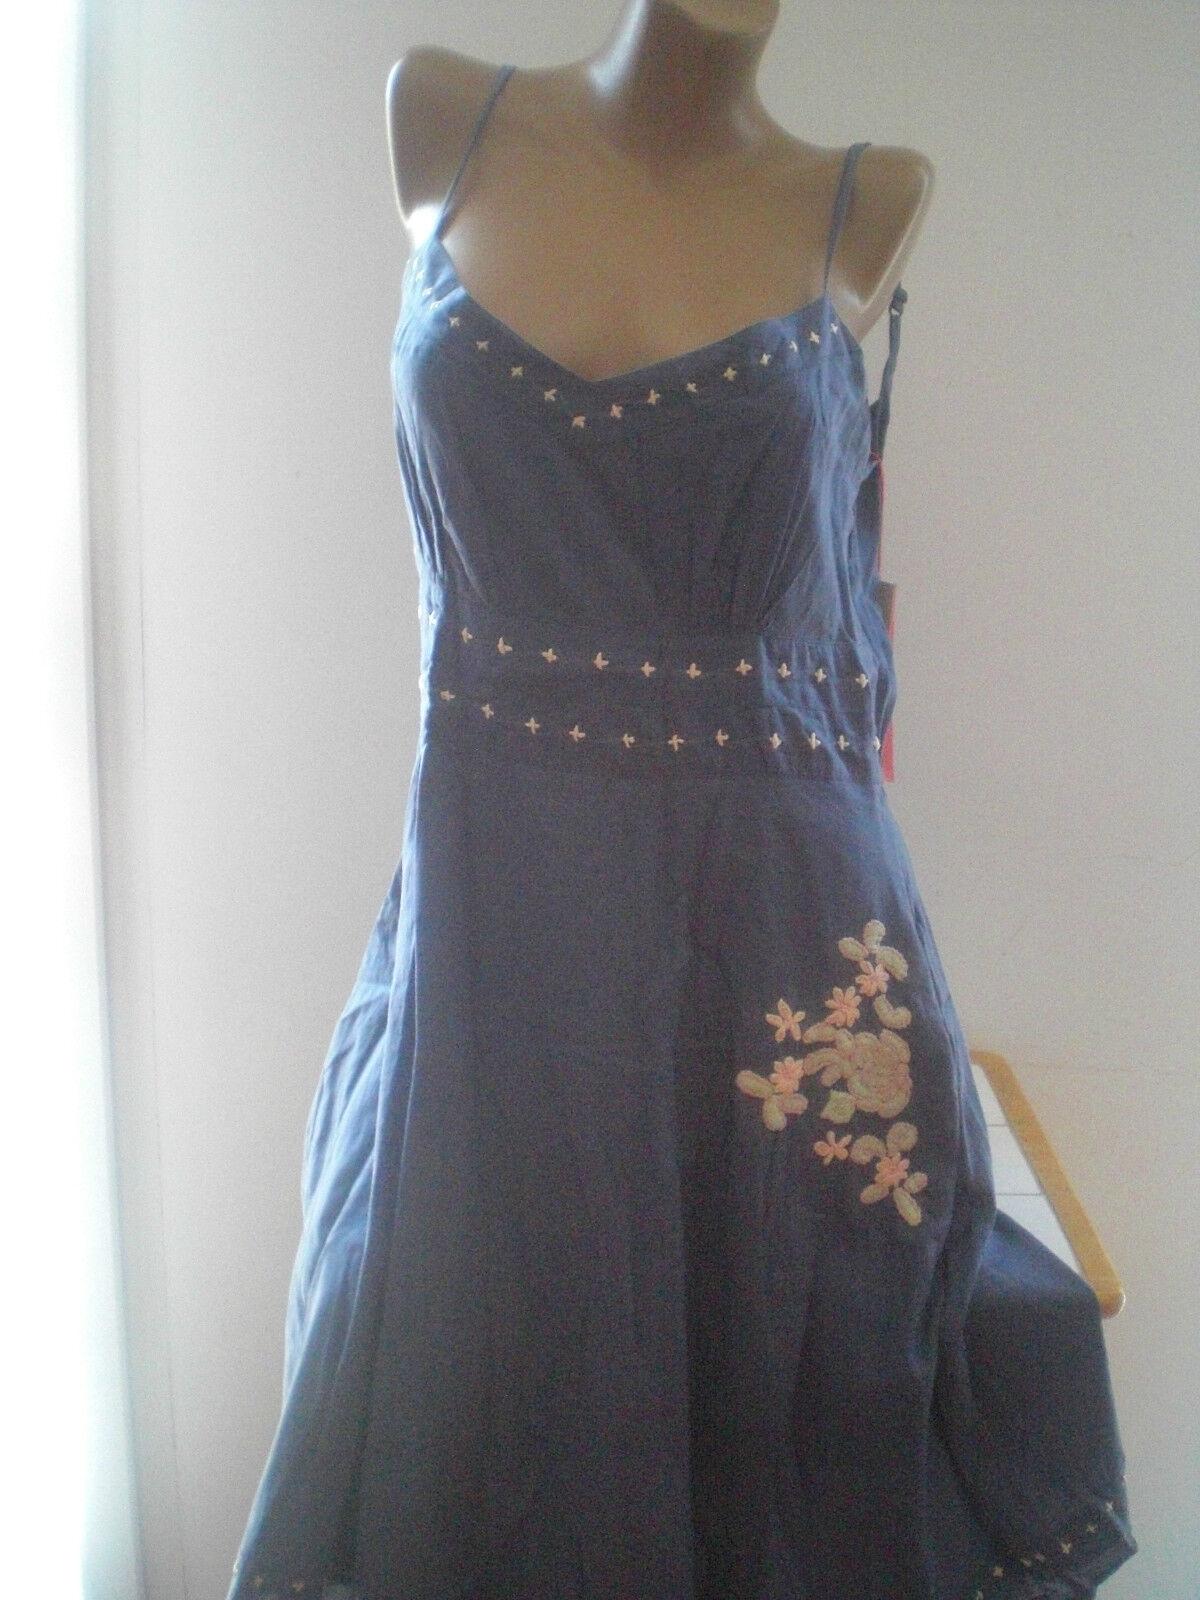 Vestido women NUEVO  dress woman REF. 3-16